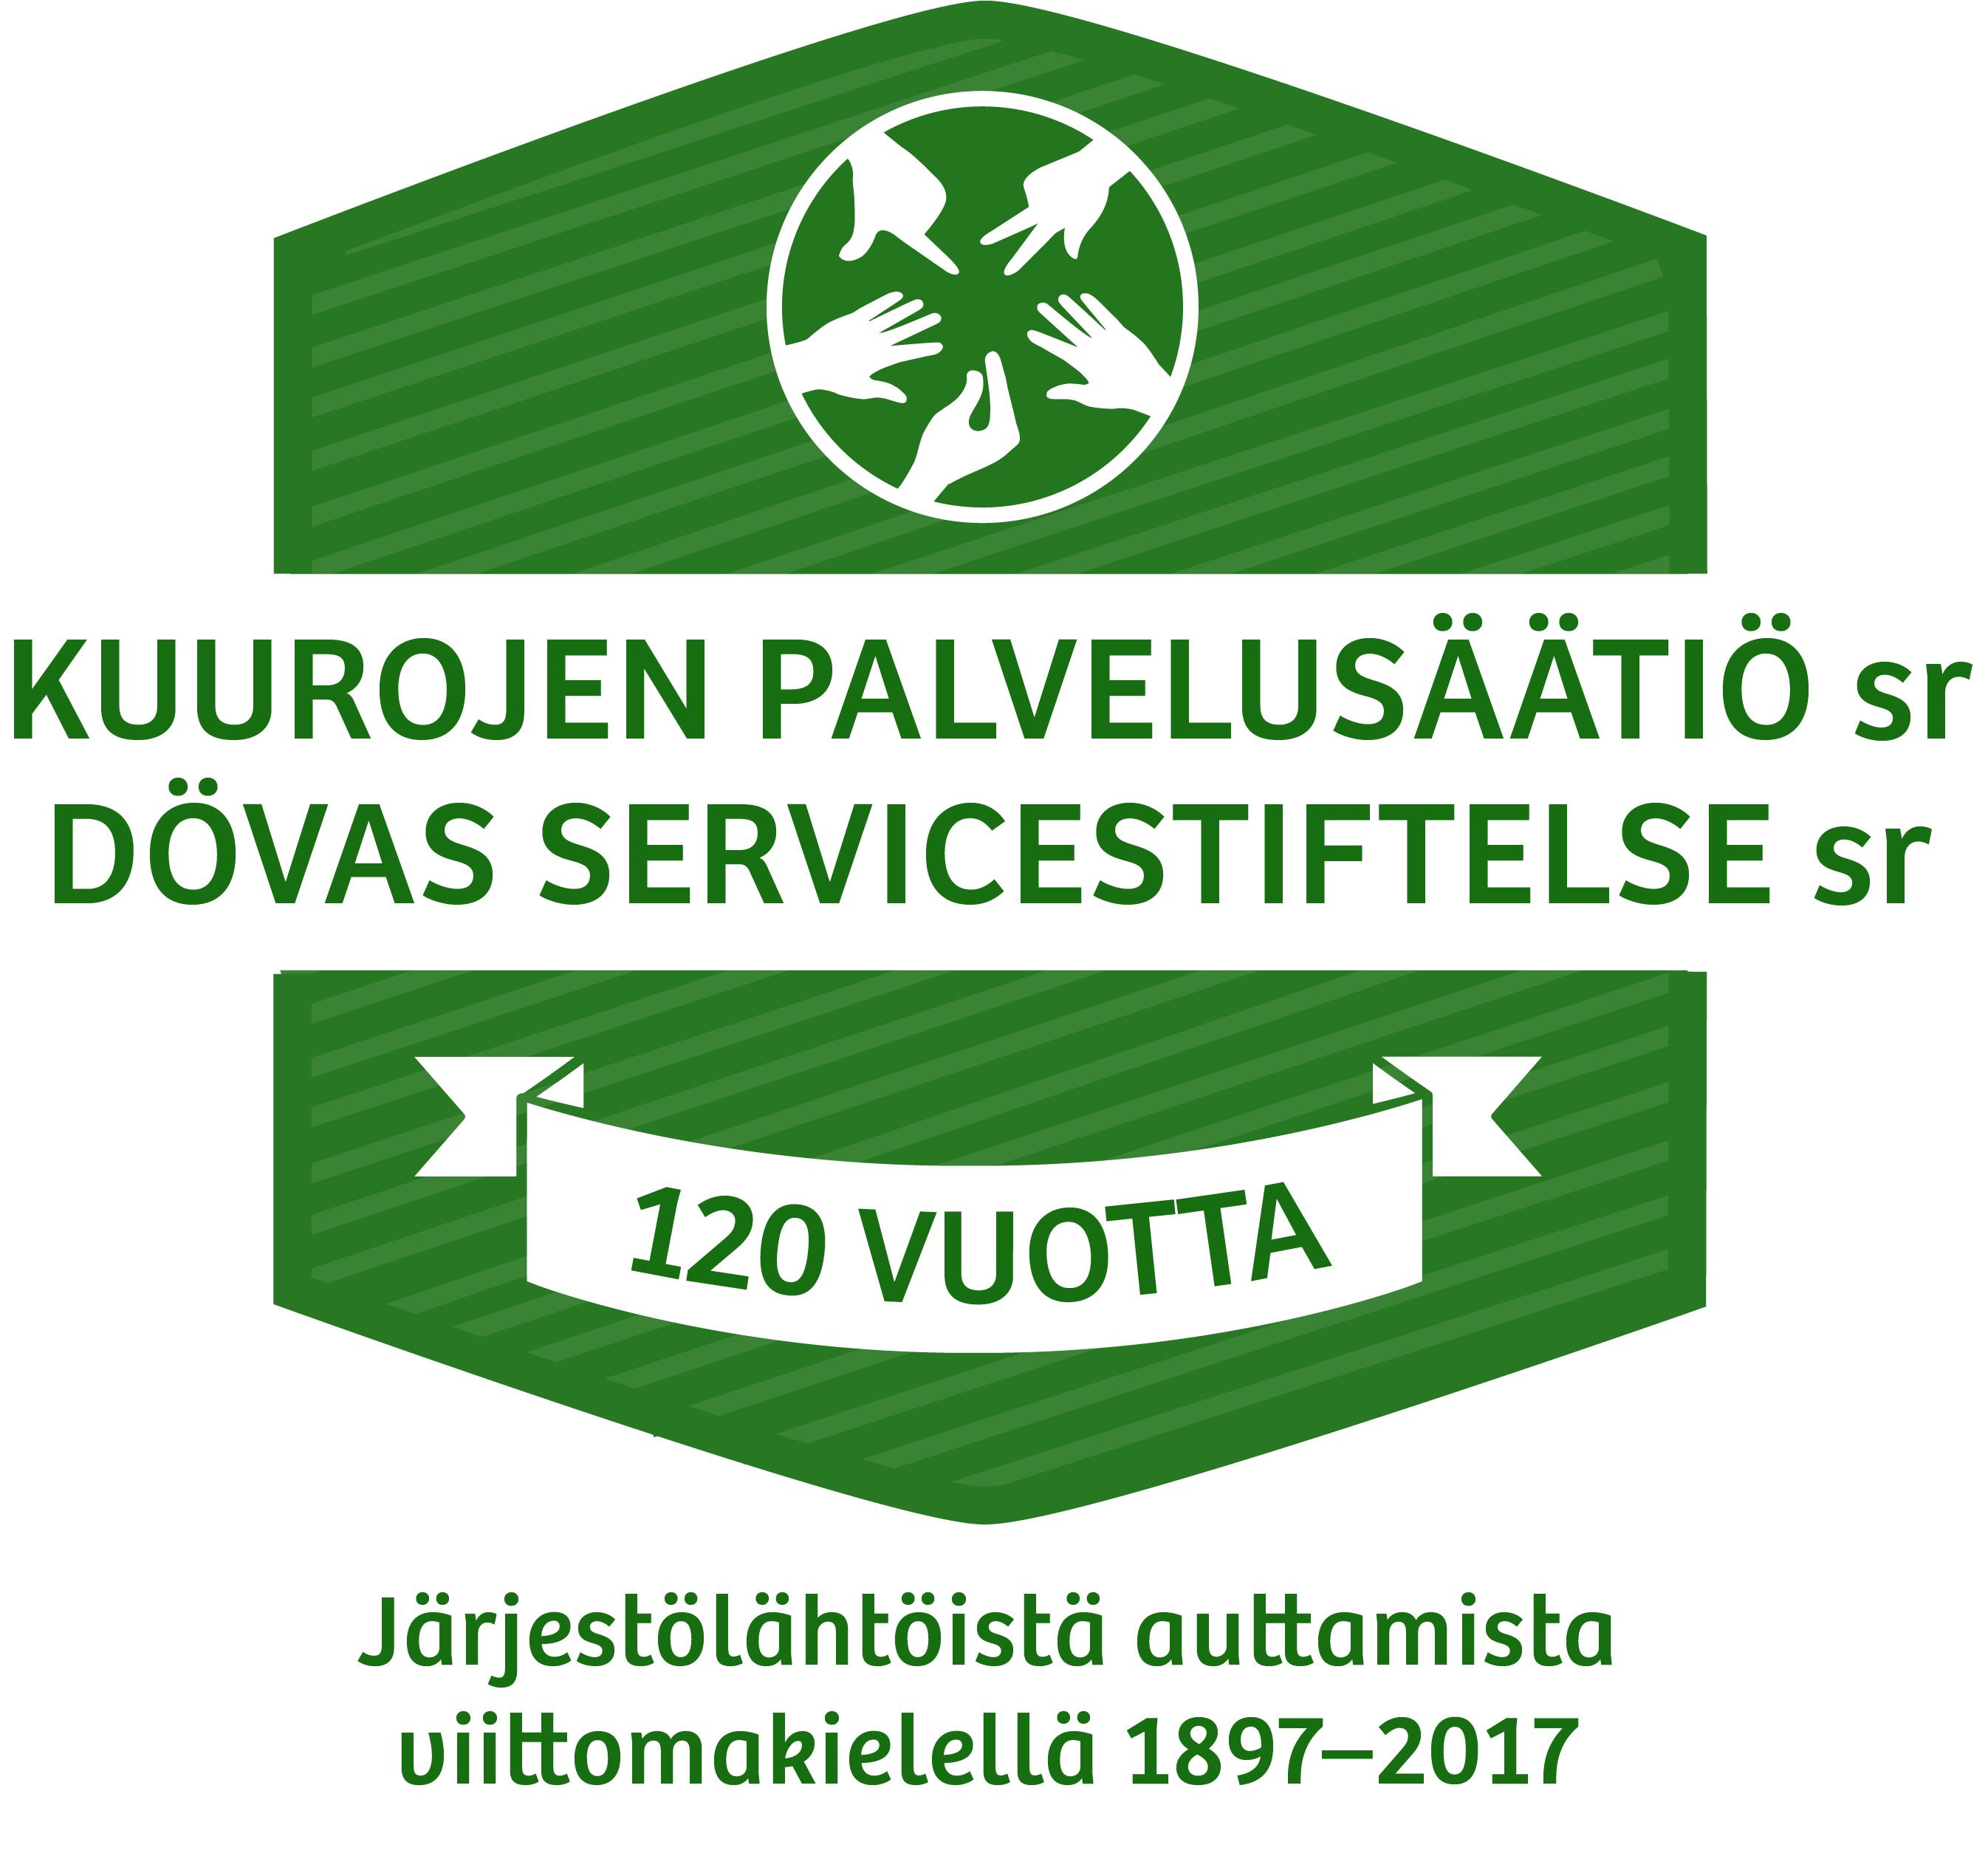 Kuurojen Palvelusäätiö on auttanut Suomessa järjestölähtöisesti vuodesta 1897.